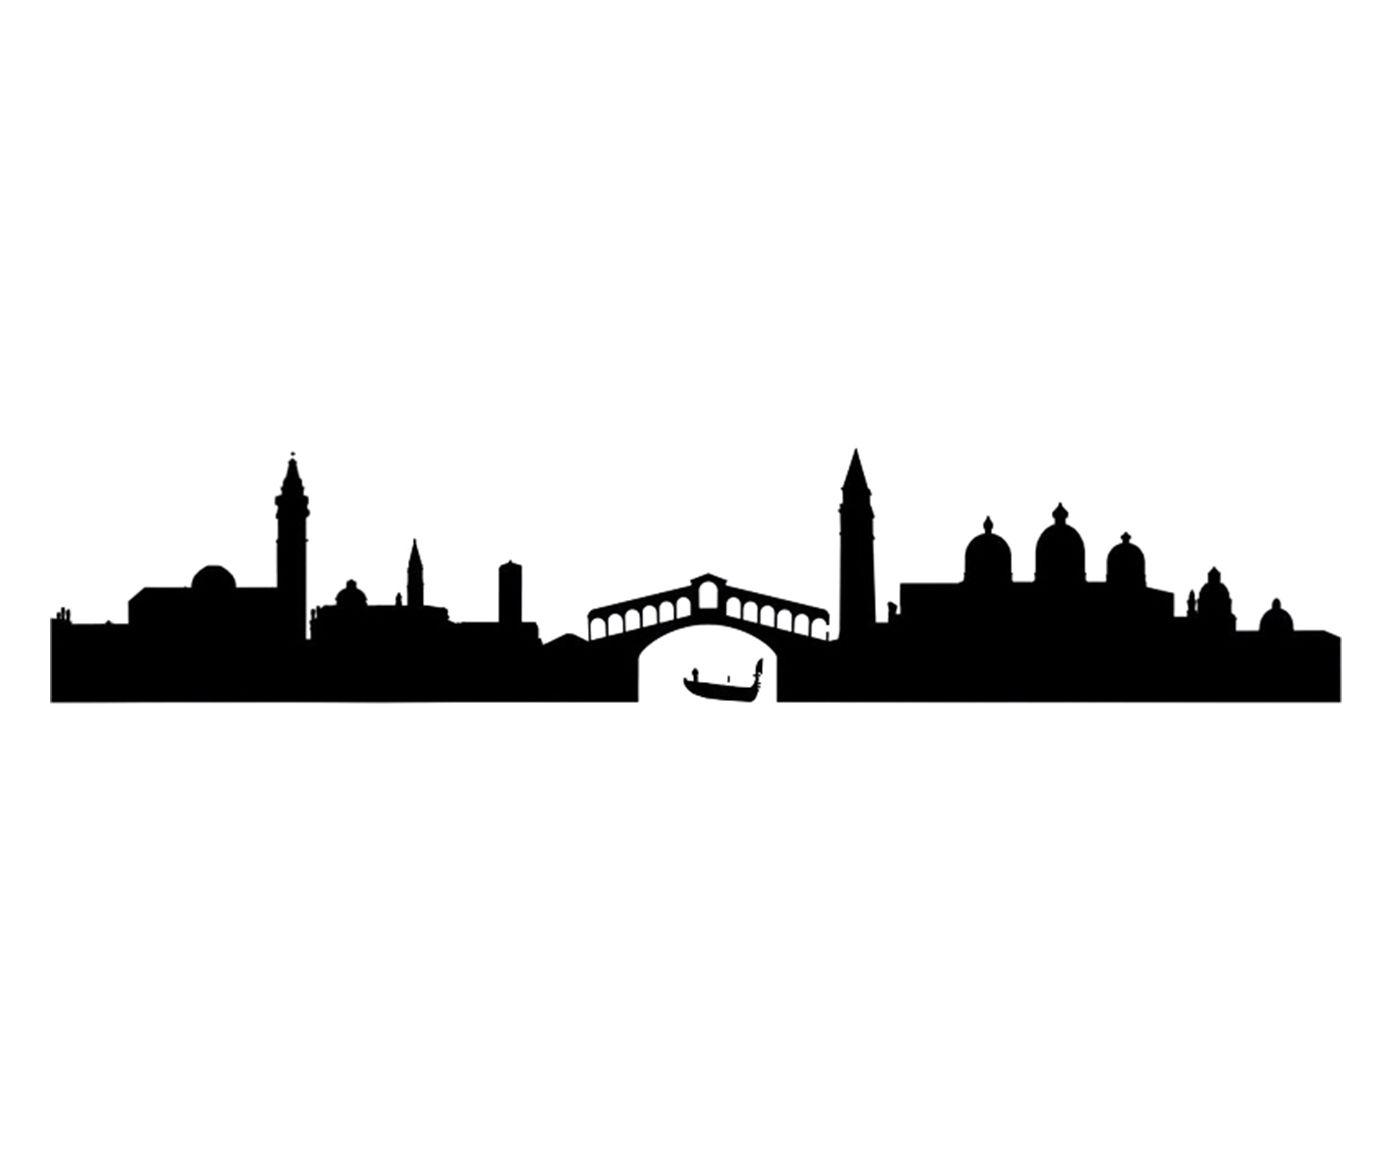 Adesivo in pellicola vinilica skyline venezia 24x120 cm for Stickers dalani